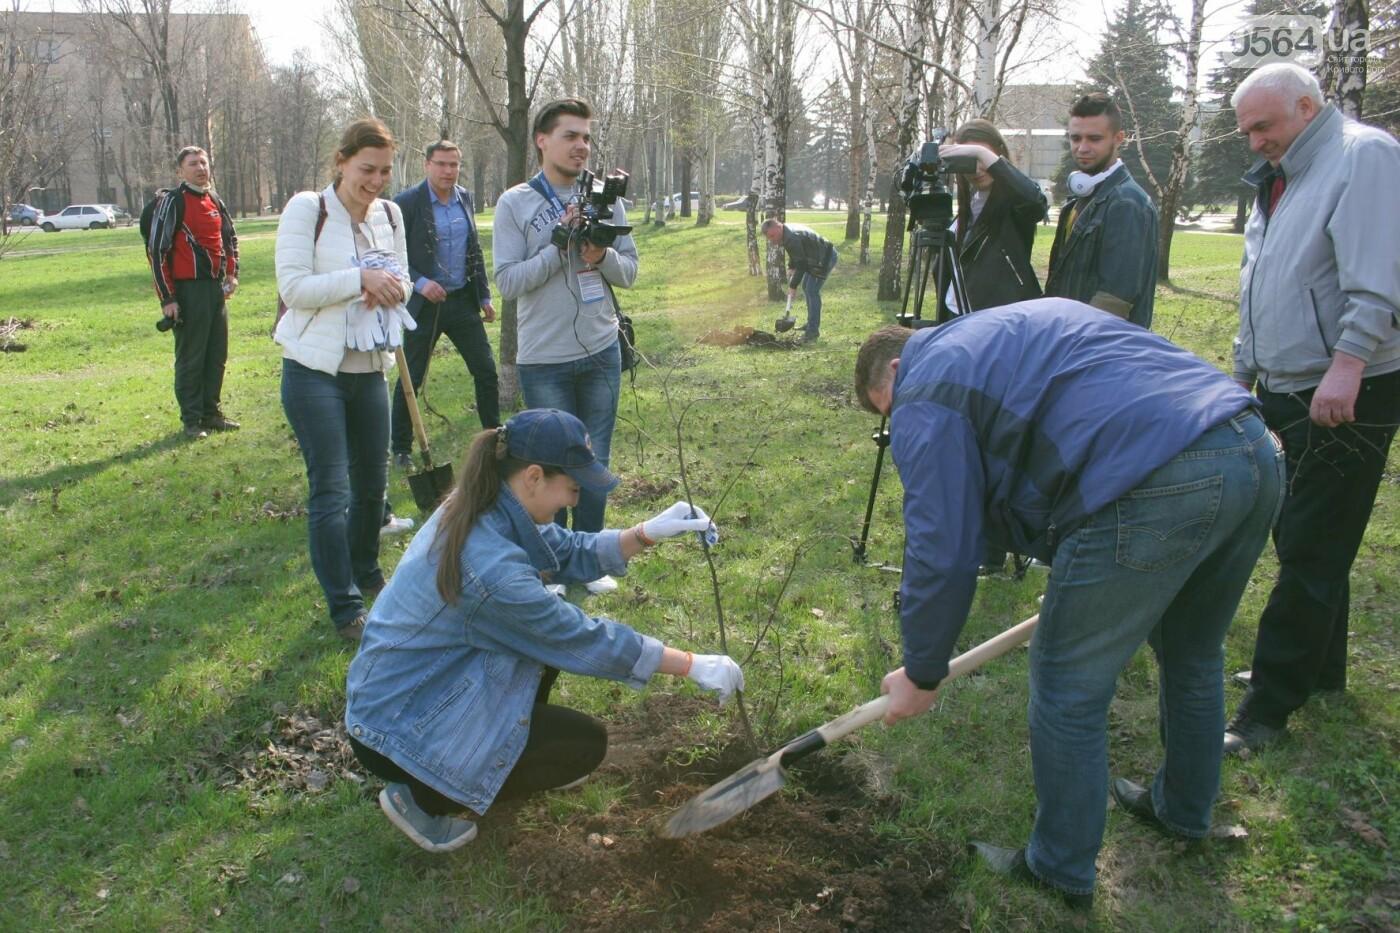 Криворожские журналисты с друзьями высадили более сотни деревьев и вывезли 4 грузовика мусора (ФОТО), фото-16